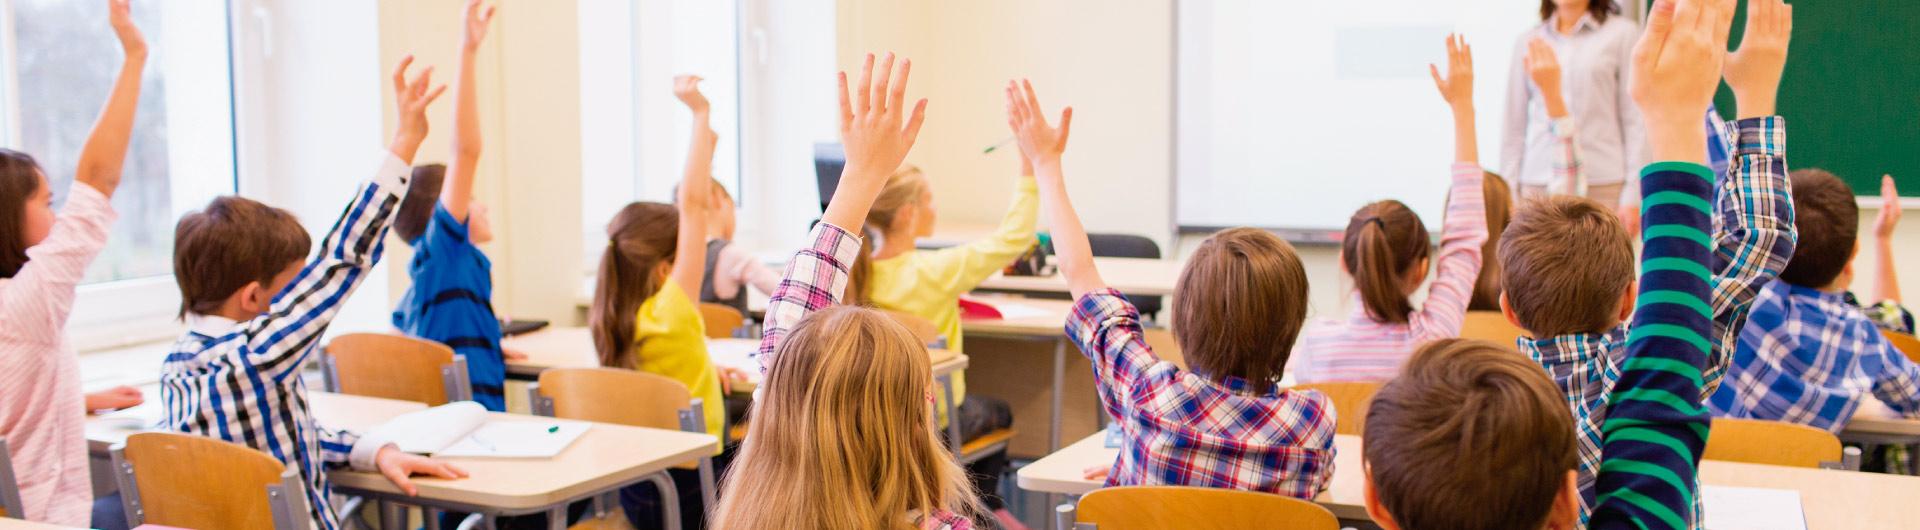 Diplomado en Gestión del Clima y la Convivencia Escolar E-learning